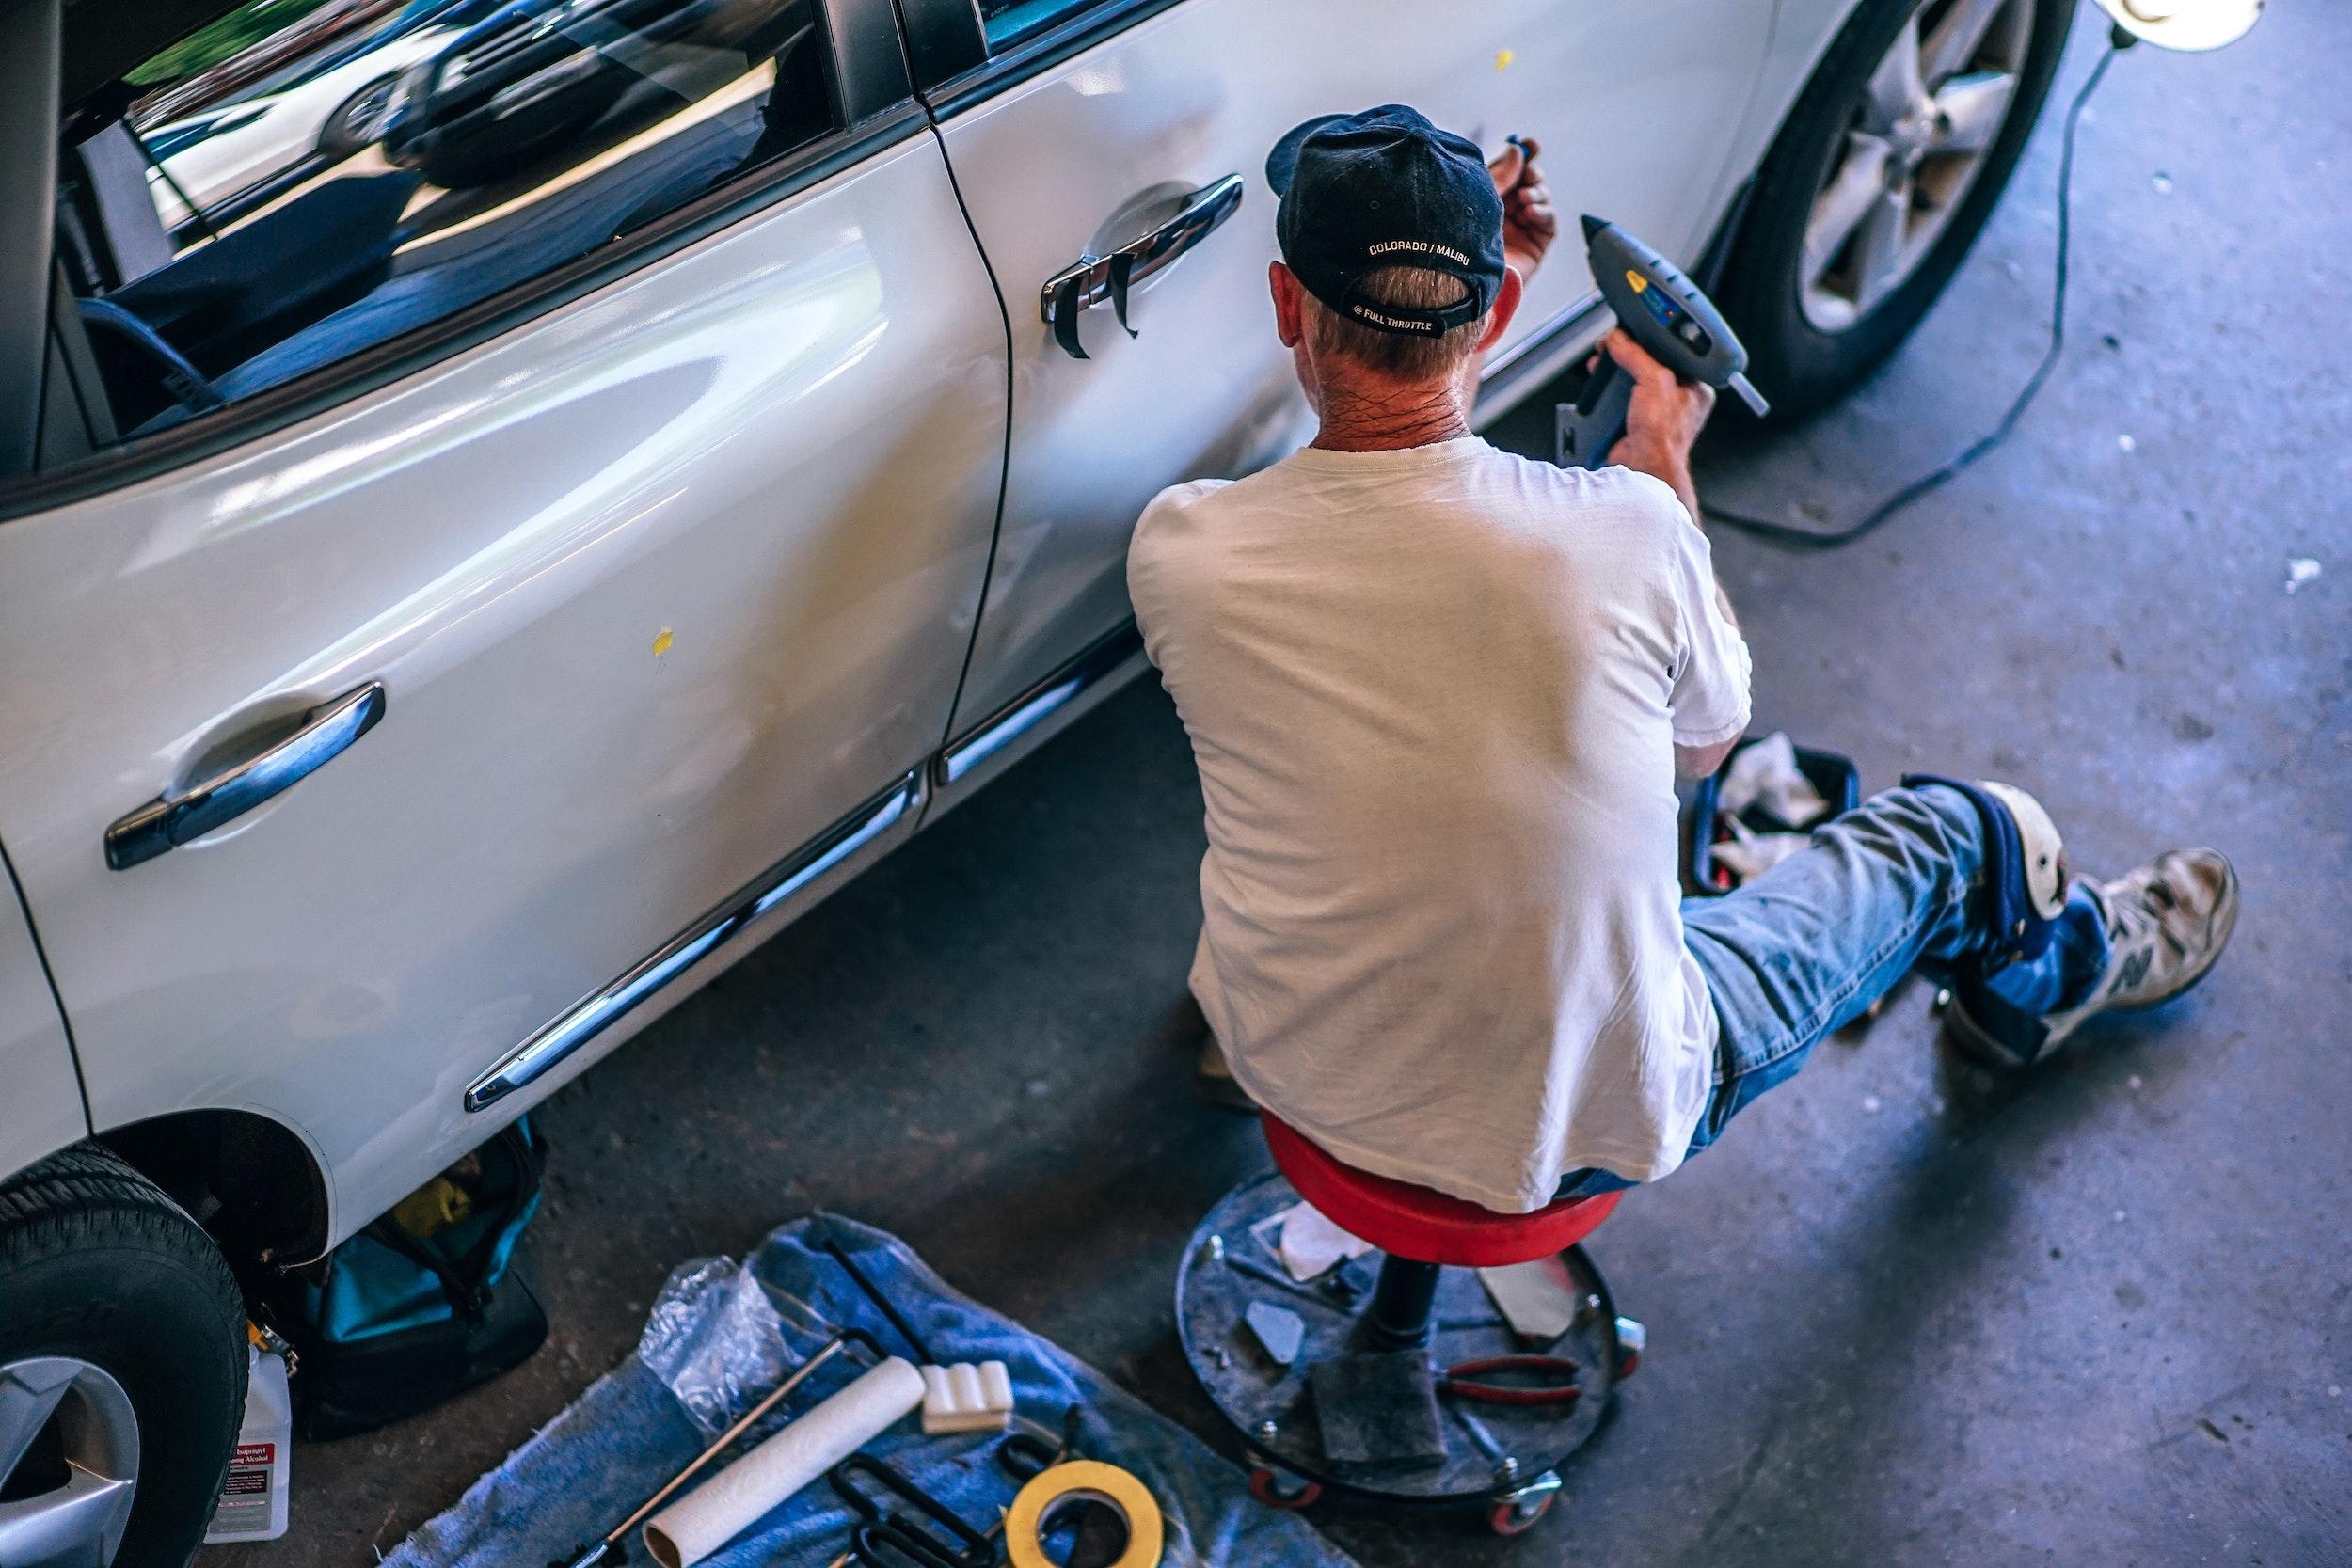 Jakie usługi oferują dobre warsztaty samochodowe?